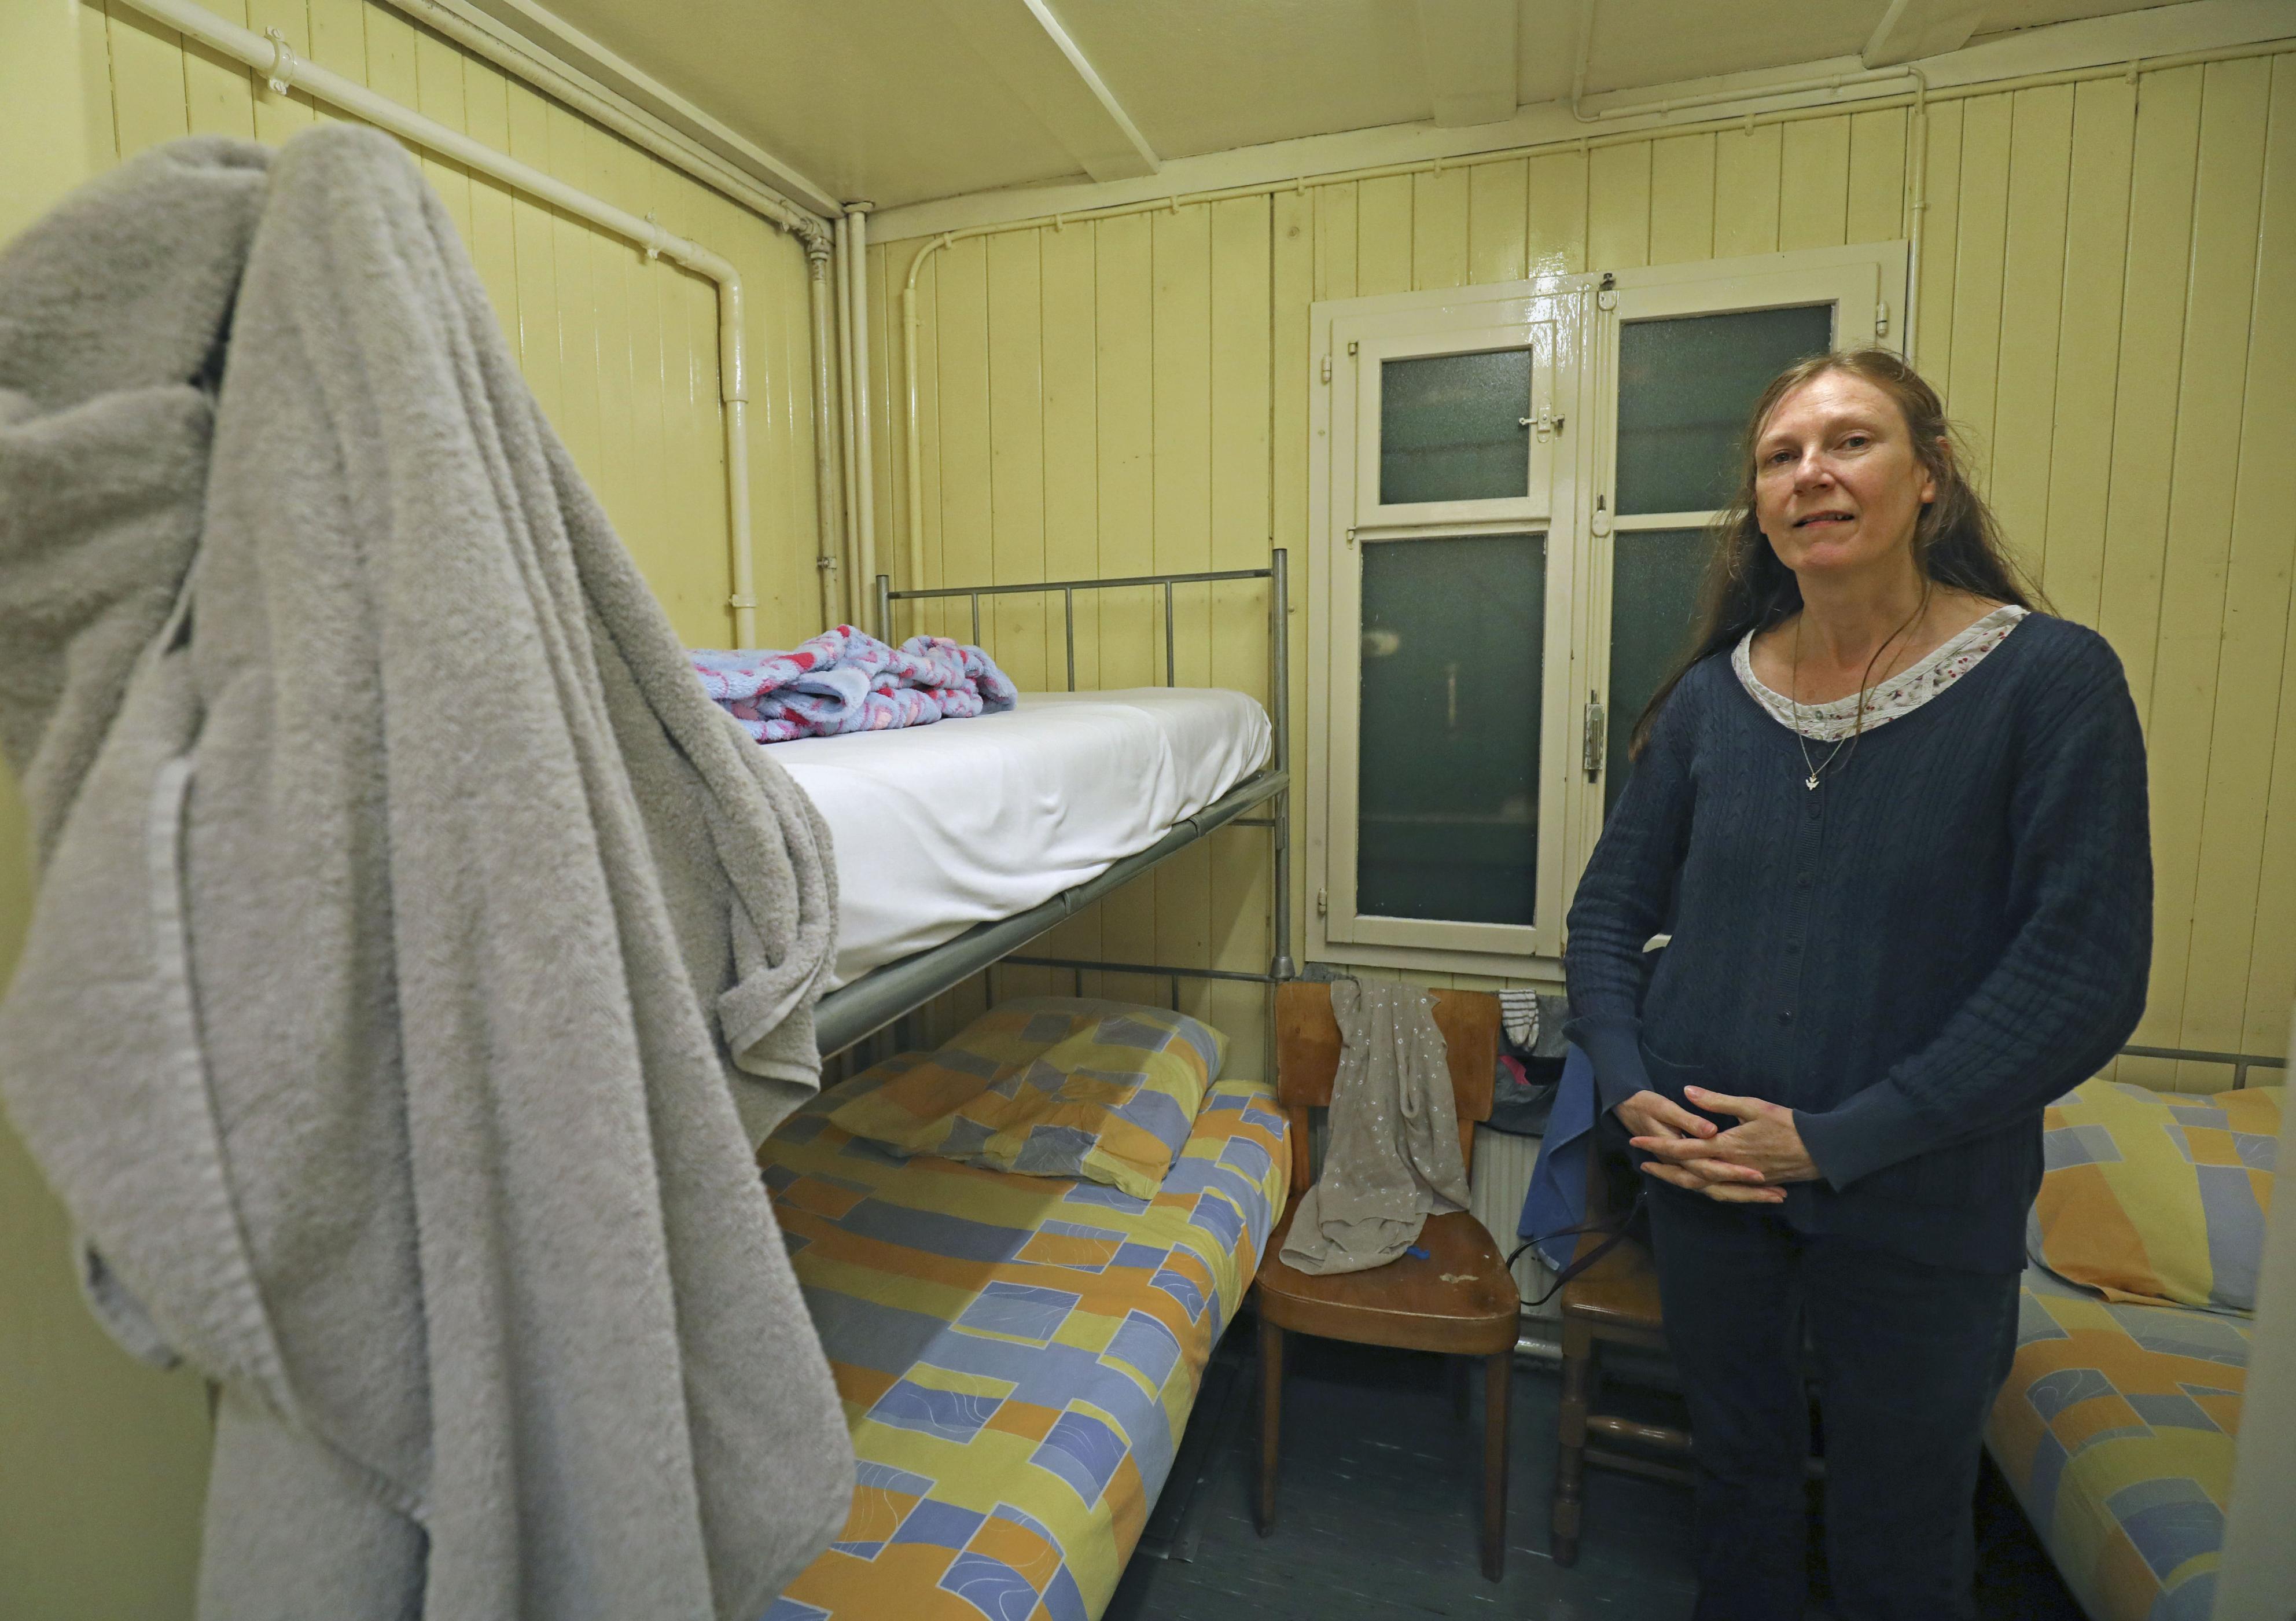 支援団体の施設でベッドを確保し、ほっとした表情のビビエンヌ。施設を転々としながら職探しを続ける=10月、スイス・ジュネーブ(共同)